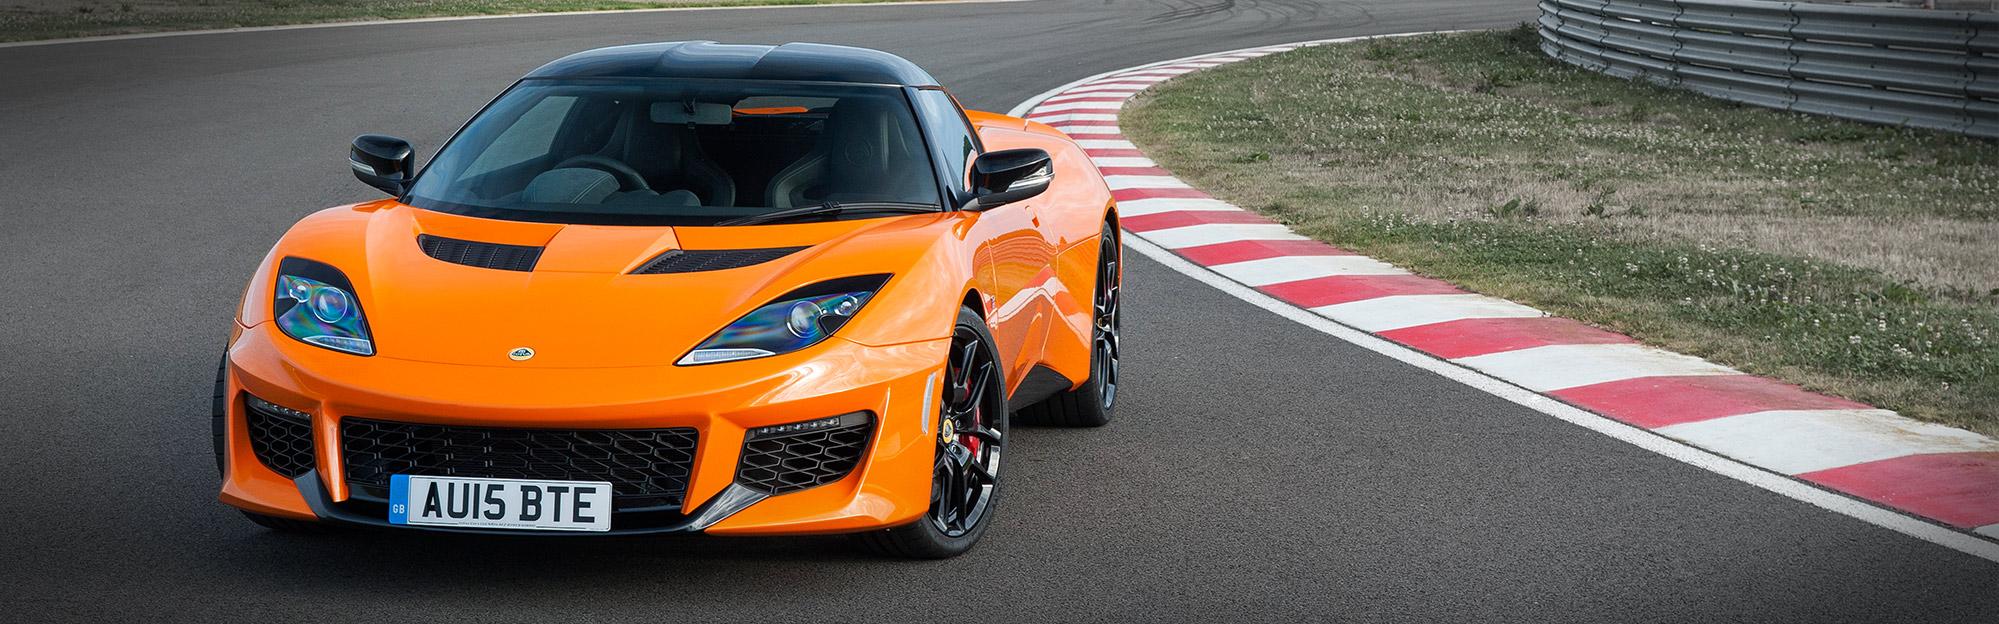 UUSI EVORA 400 Vuosituhannen nopein Lotus-katuauto